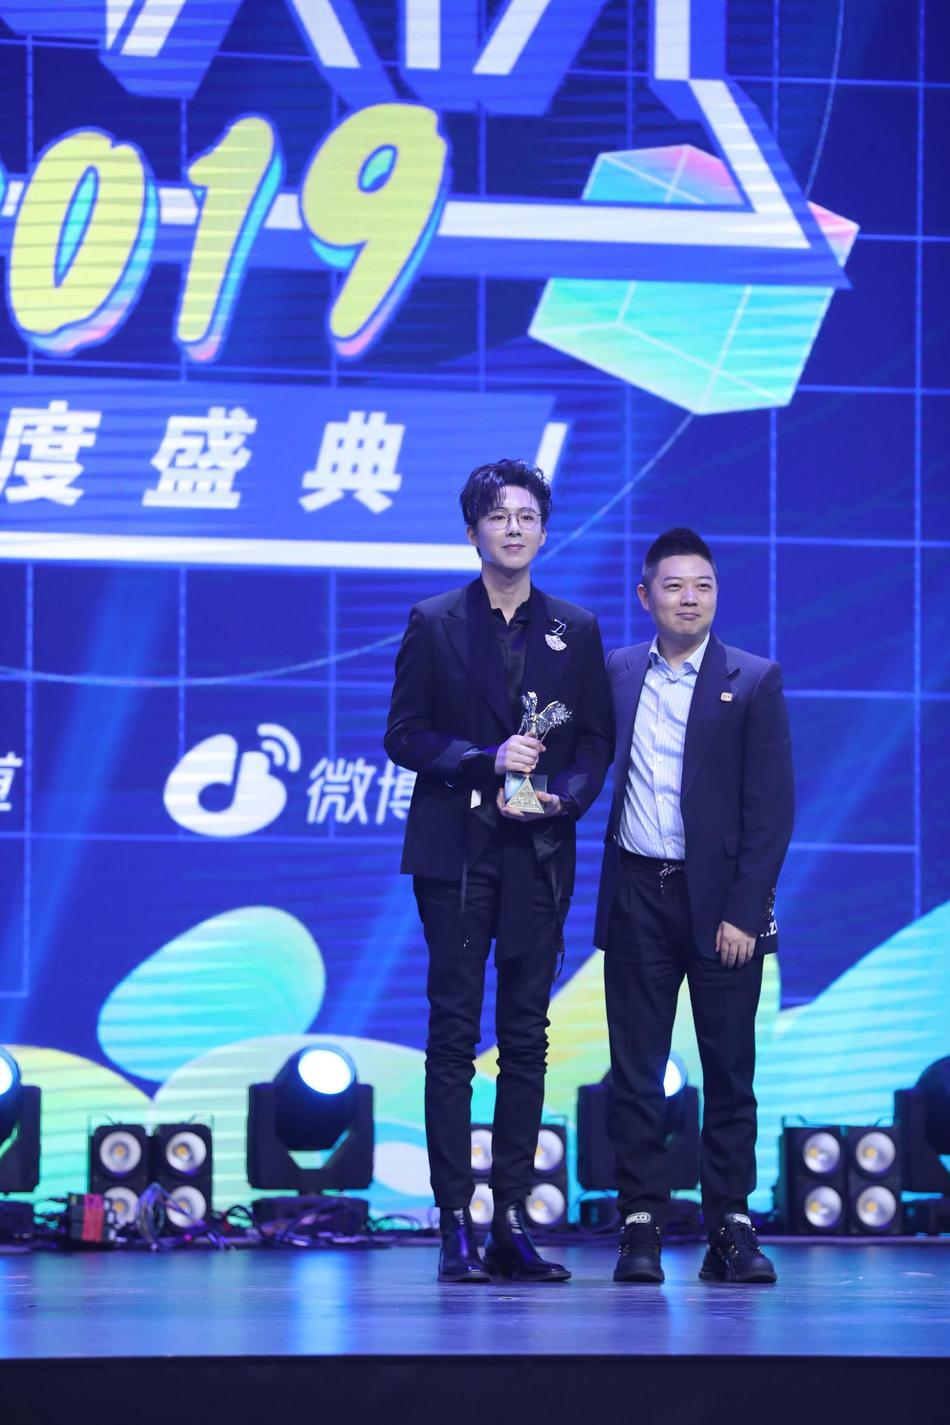 2019亚洲音乐排行榜_2019全球音乐学院排名更新 排名第一就在天津